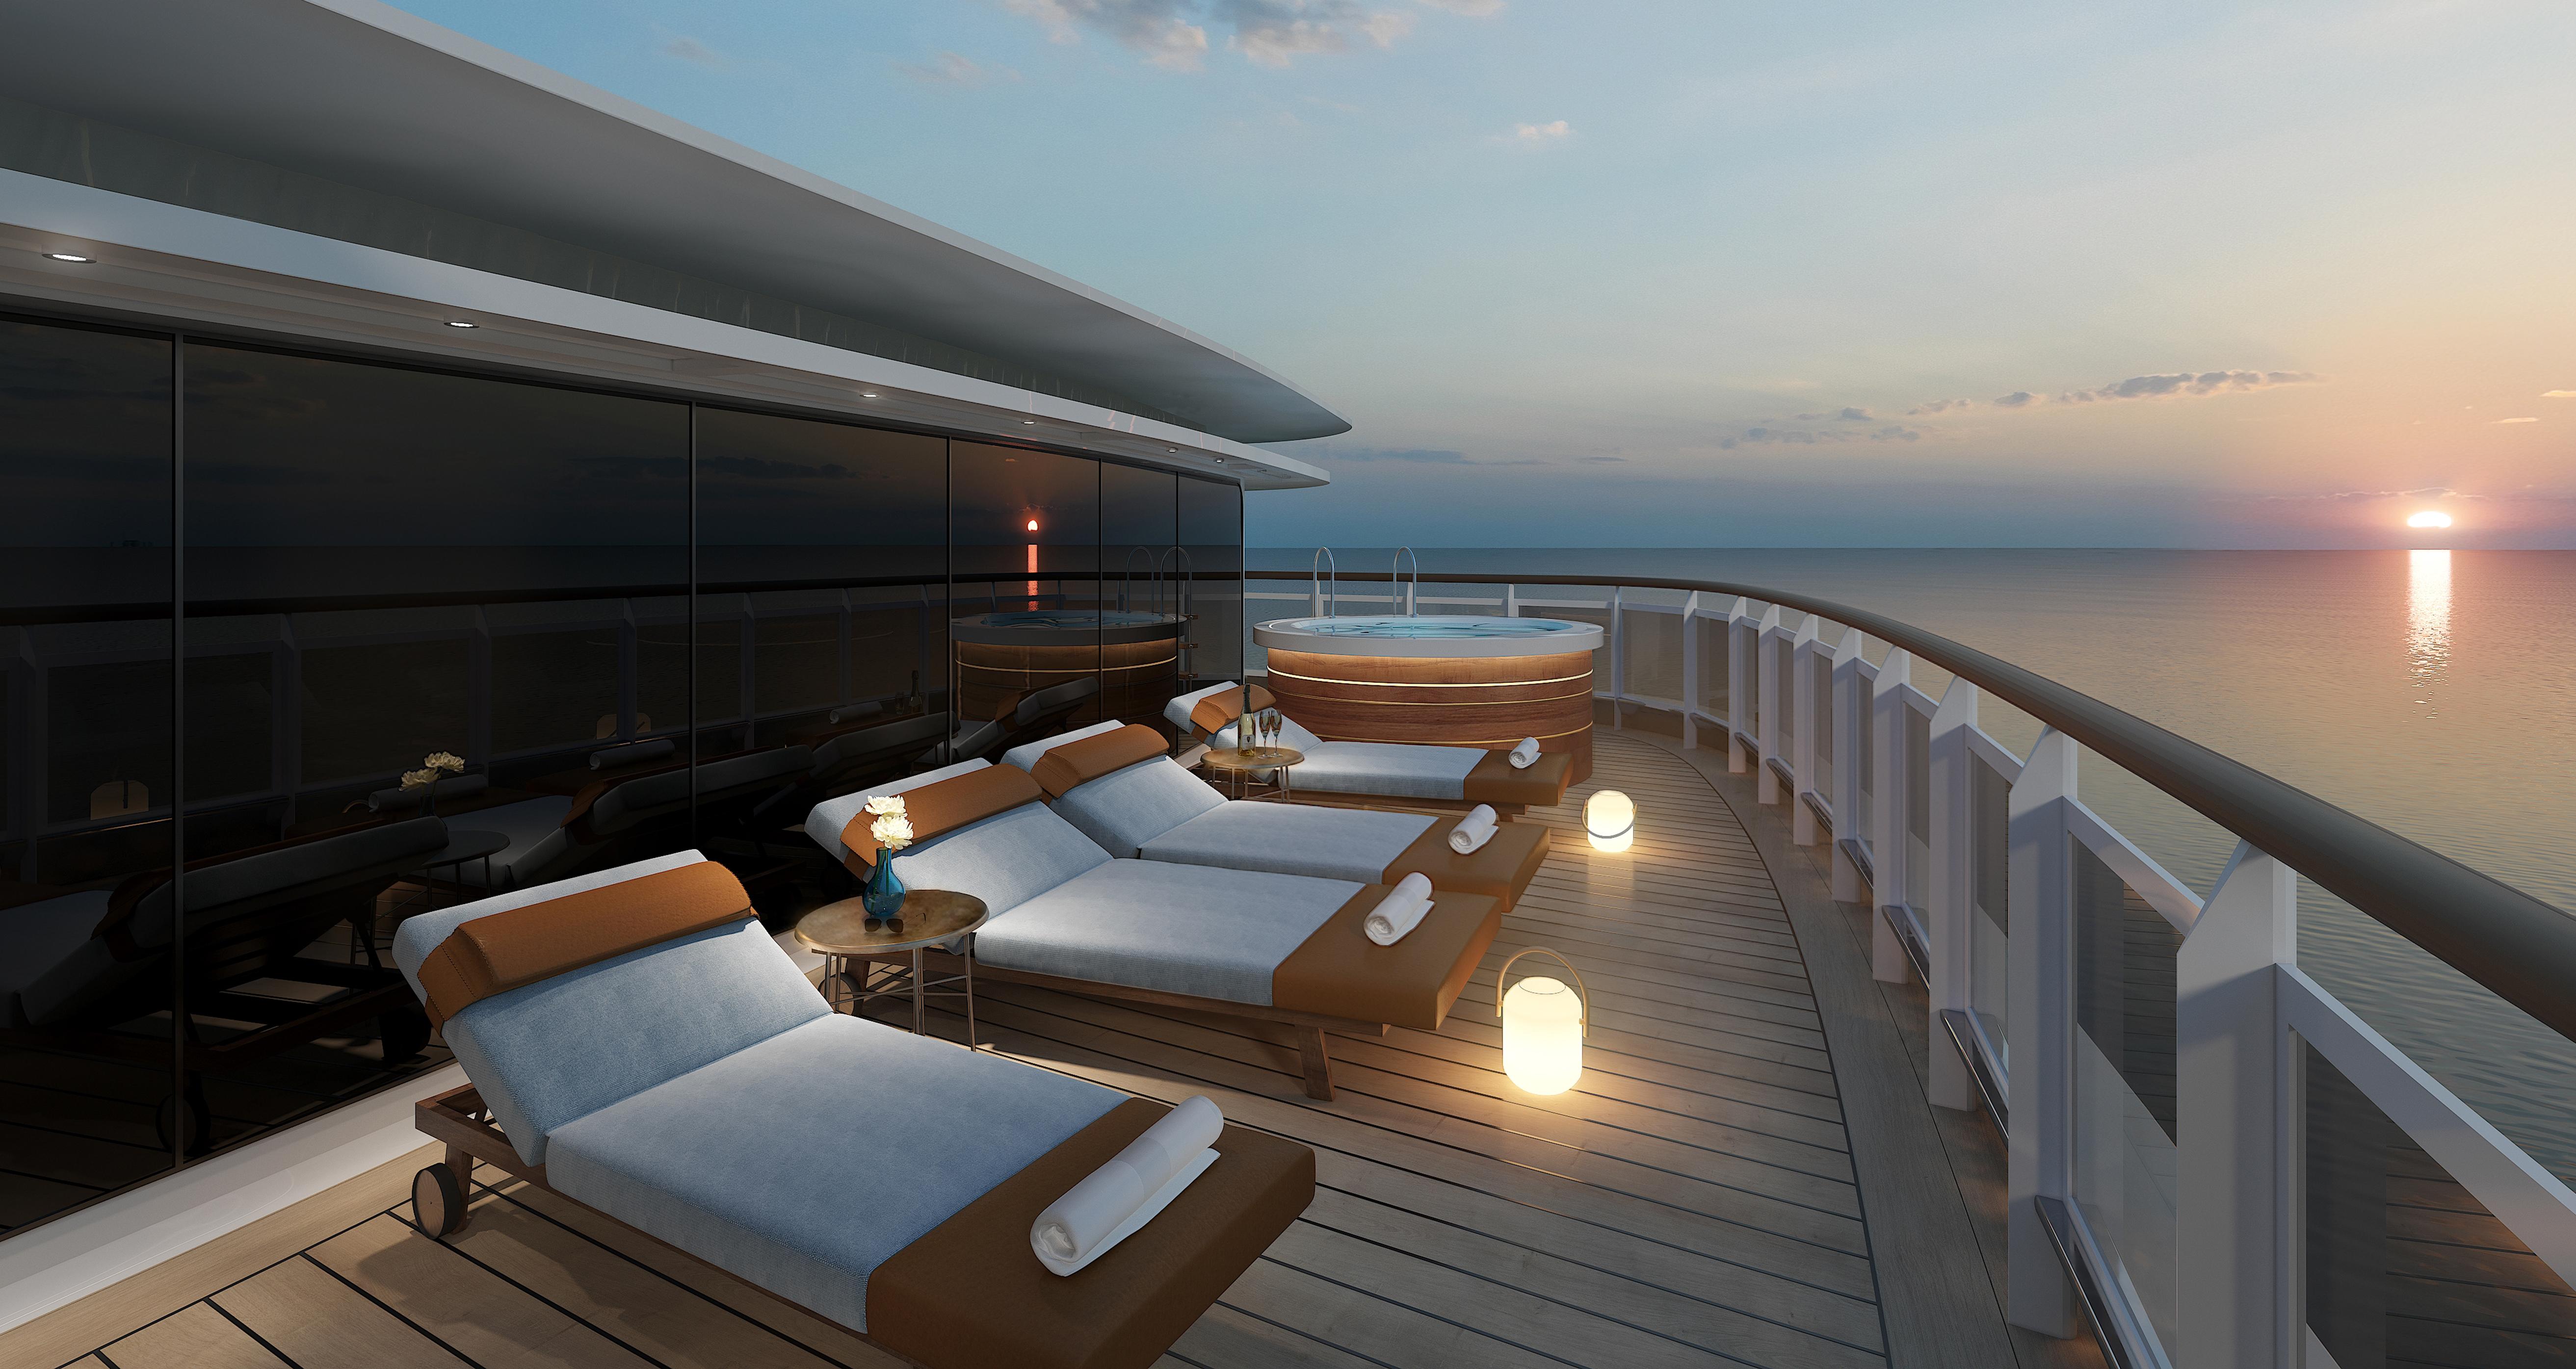 Eine der luxuriösesten Suiten der sieben Weltmeere wird sich auf Deck 14 der Seven Seas Splendor befinden, über der Brücke, mit 413 m²